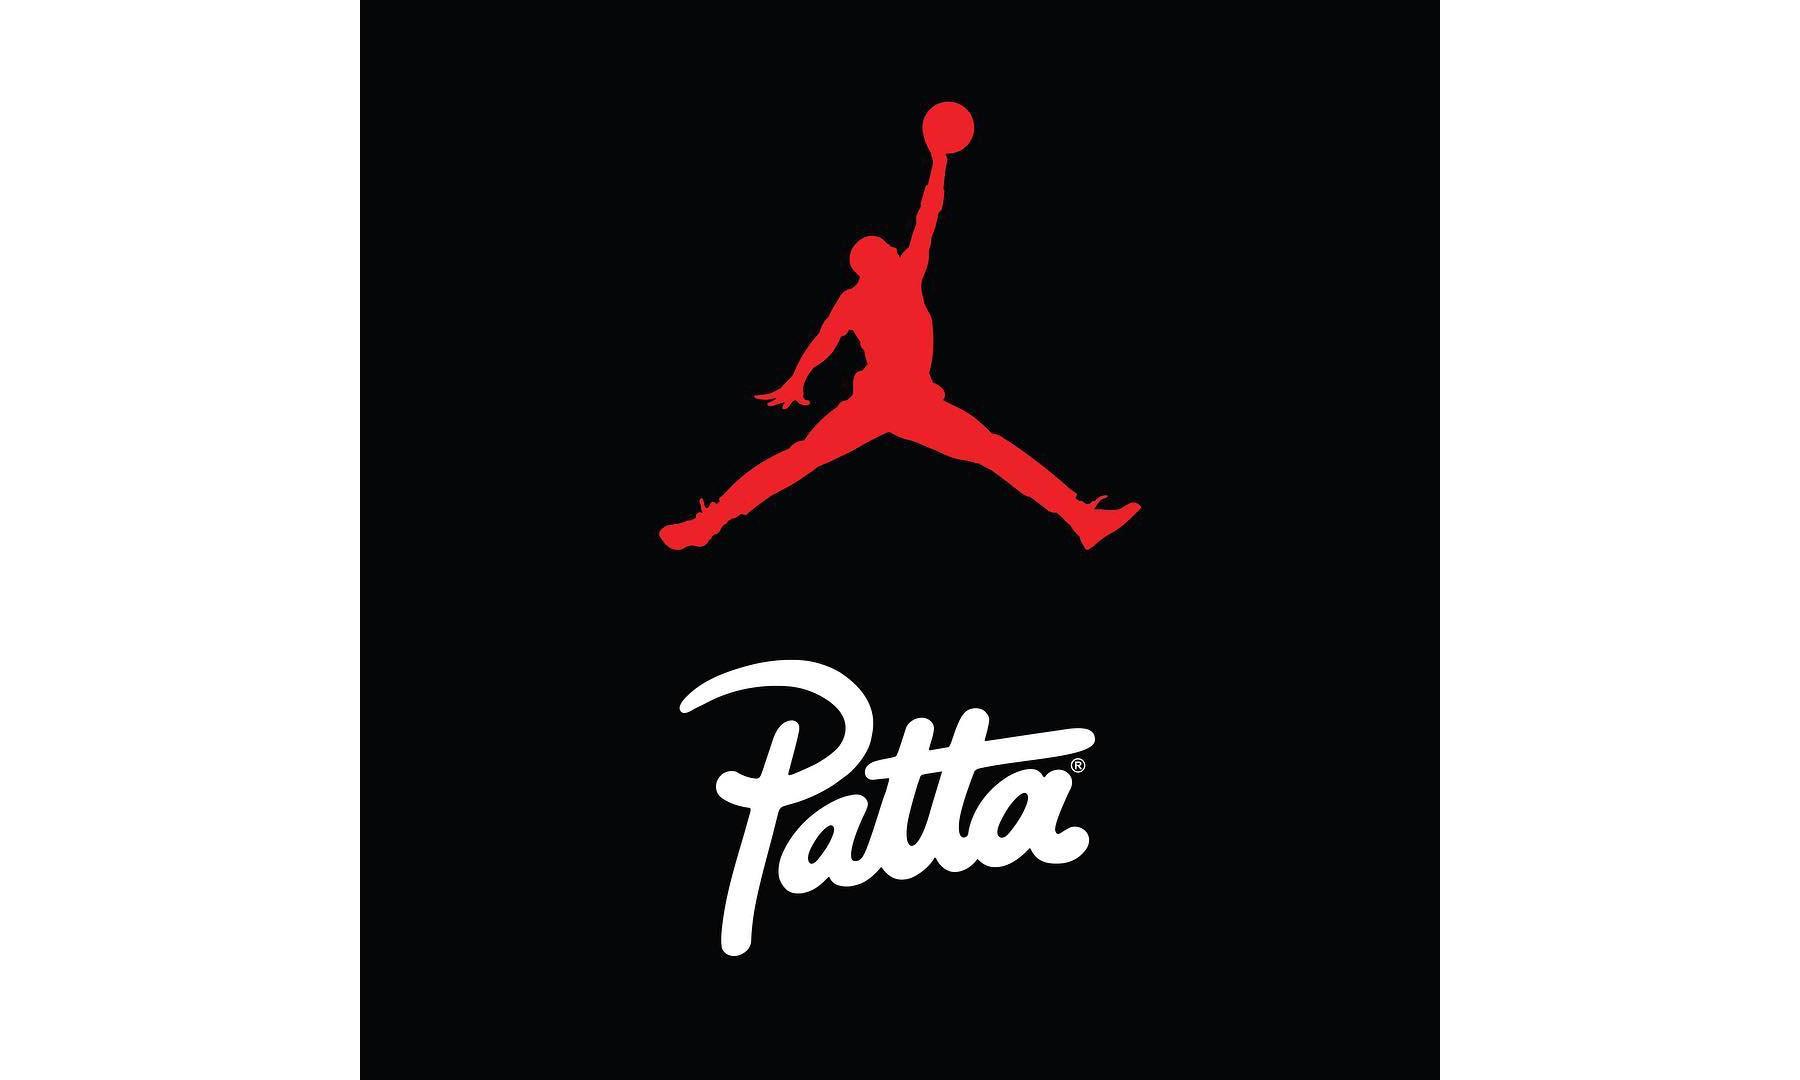 准备好了,Patta x Air Jordan 联名系列即将登场